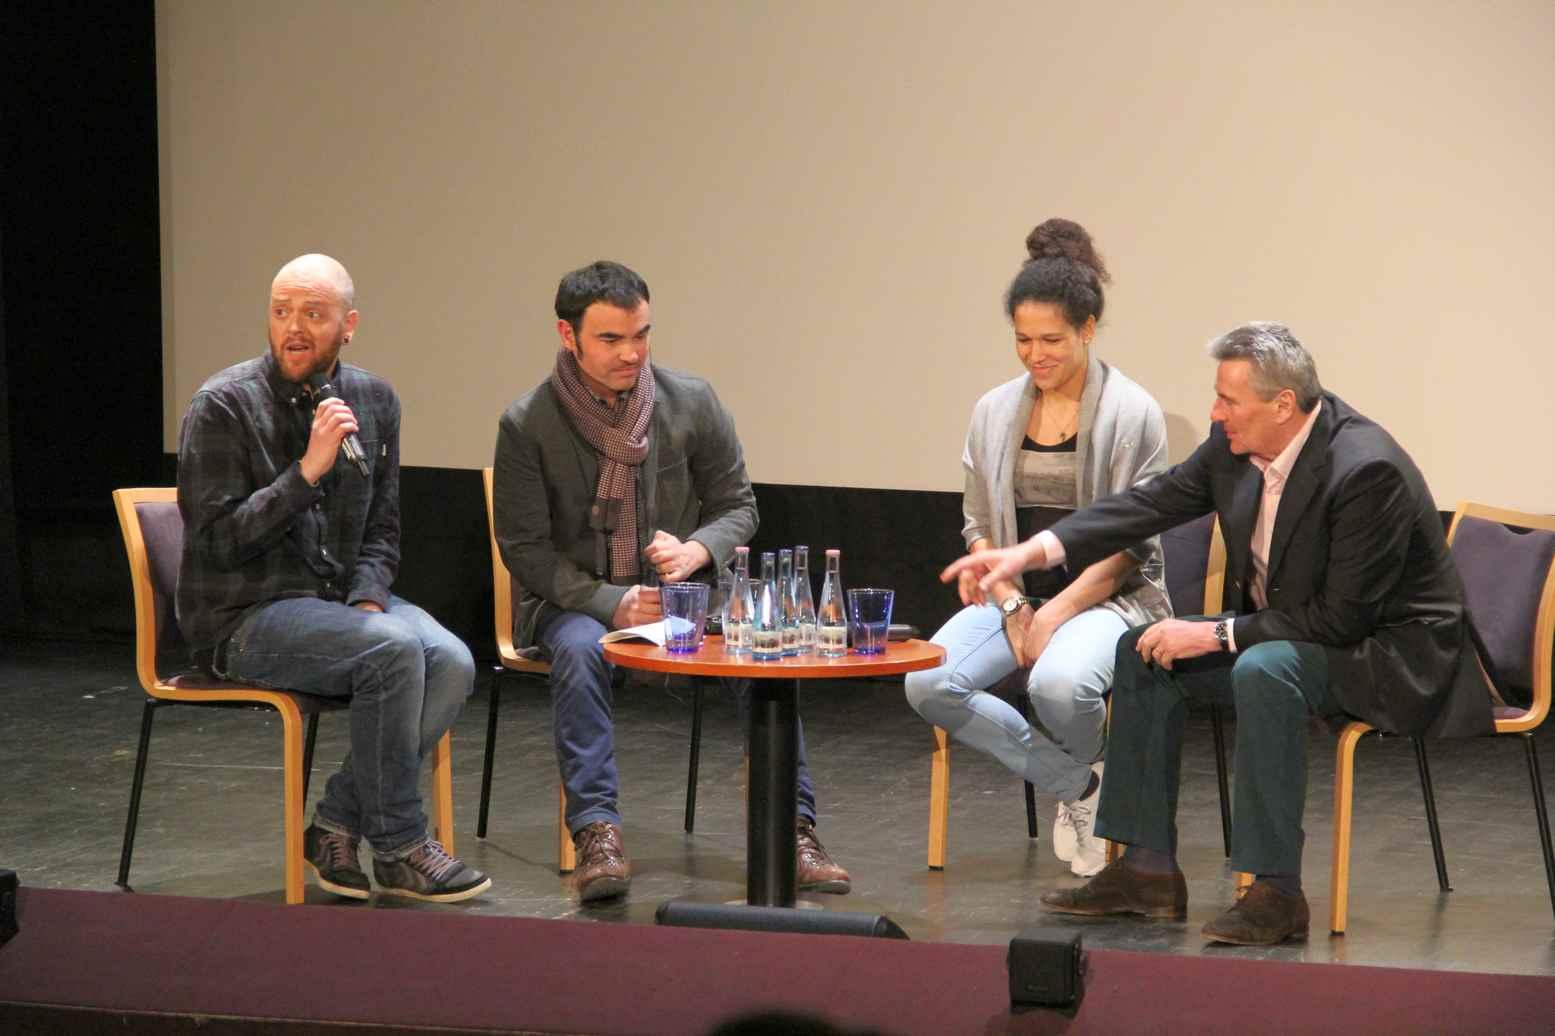 Podiumsdiskussion. Von rechts: Dieter Müller, Celia Sasic und Gilles Rof. Am Mikro der Gesprächsleiter. Foto: Andrei Schnell.